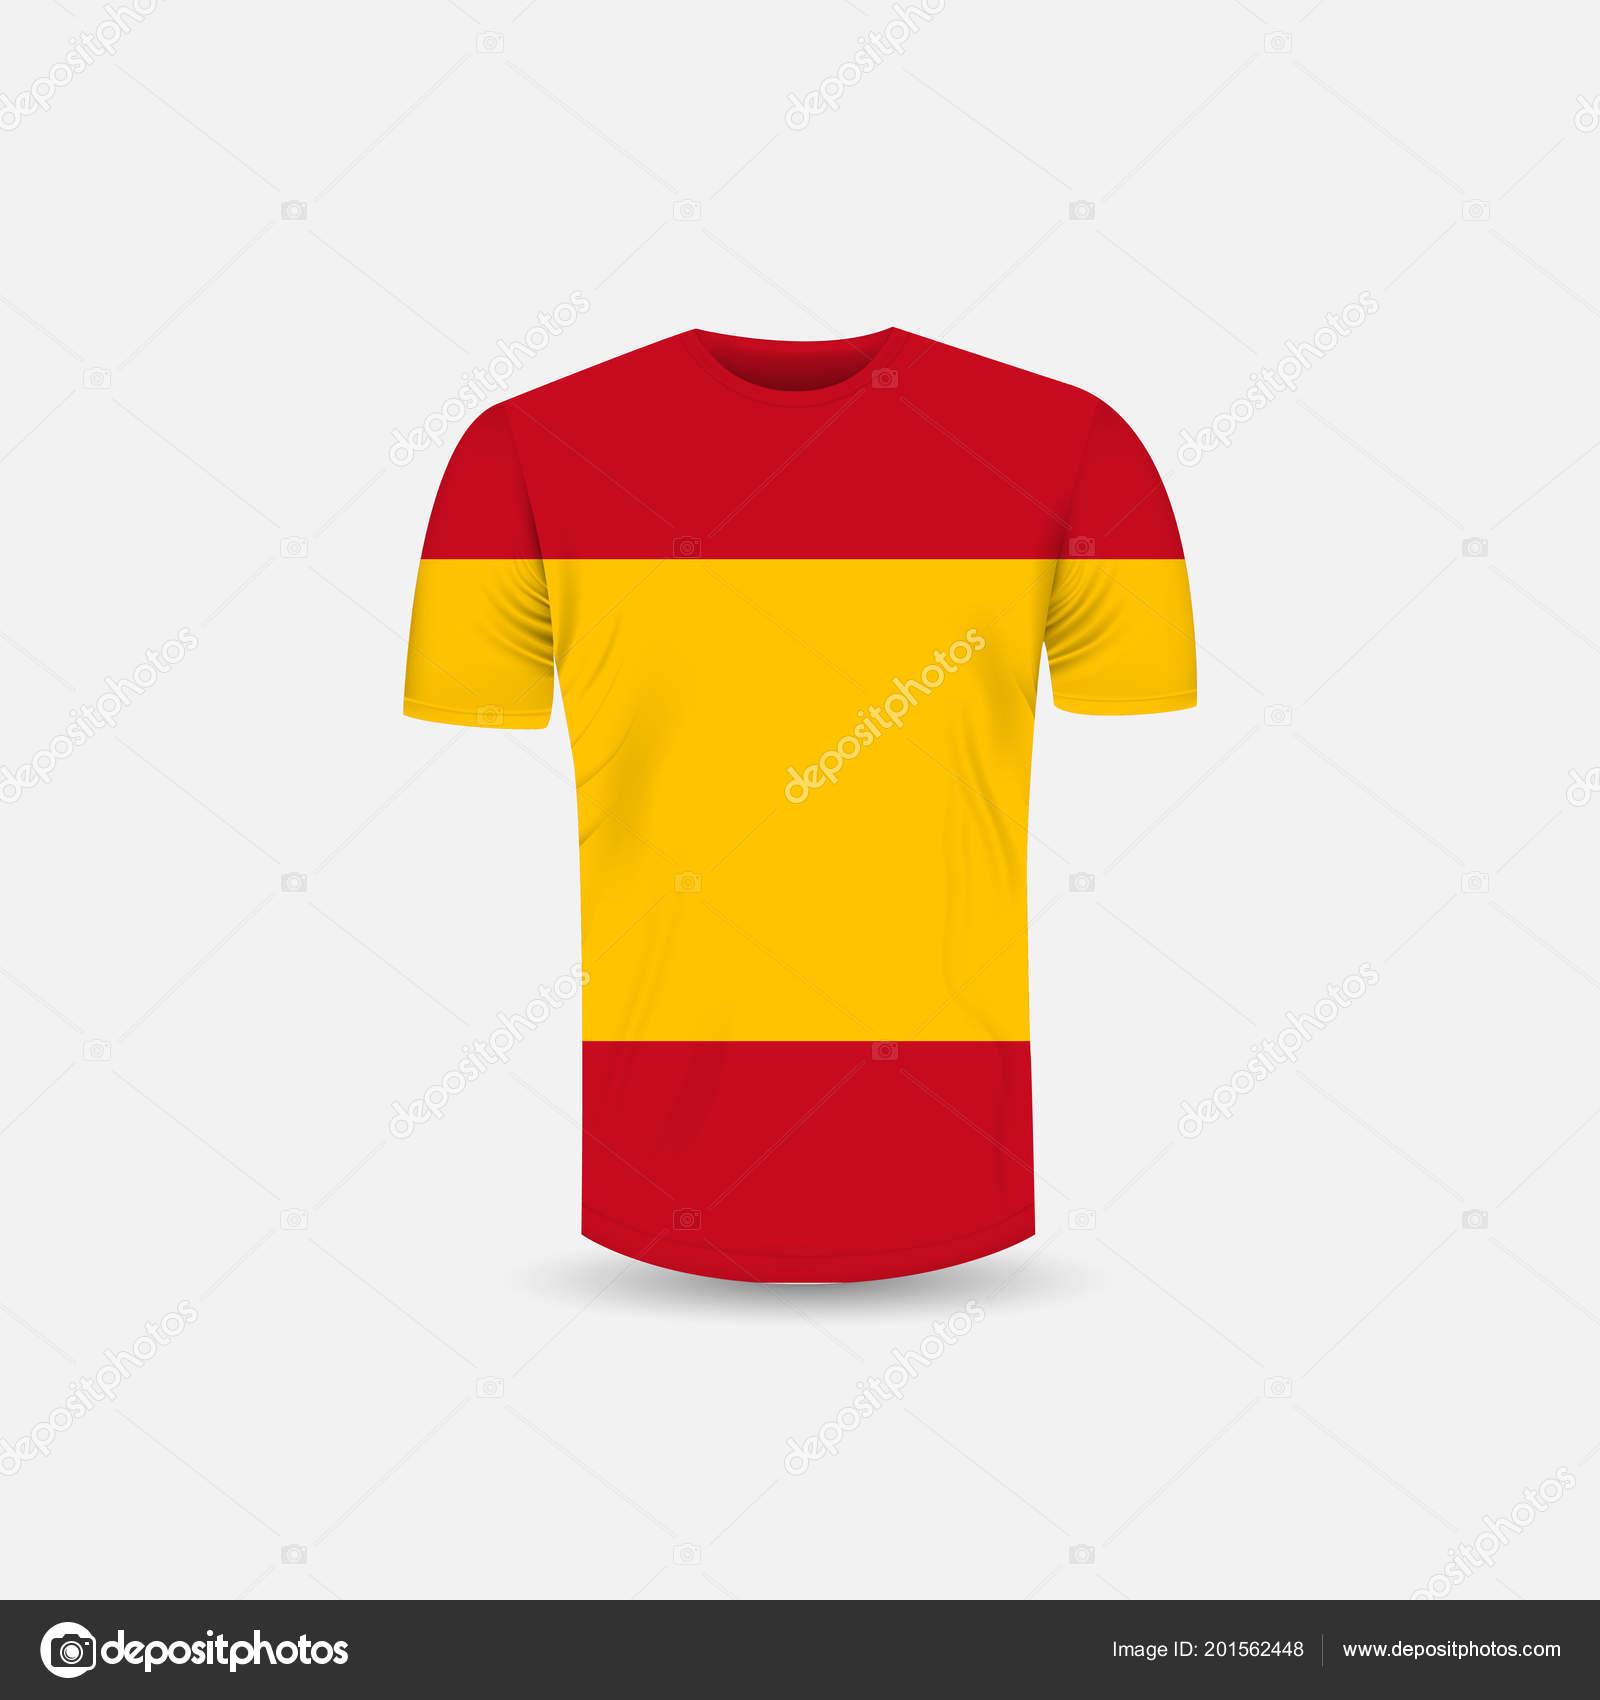 016f4739274b0 Icono de la camiseta de los hombres y España bandera de fondo. Fondo de  Jersey de cuello redondo. Vista frontal. Plantillas de maqueta de sombras y  los ...